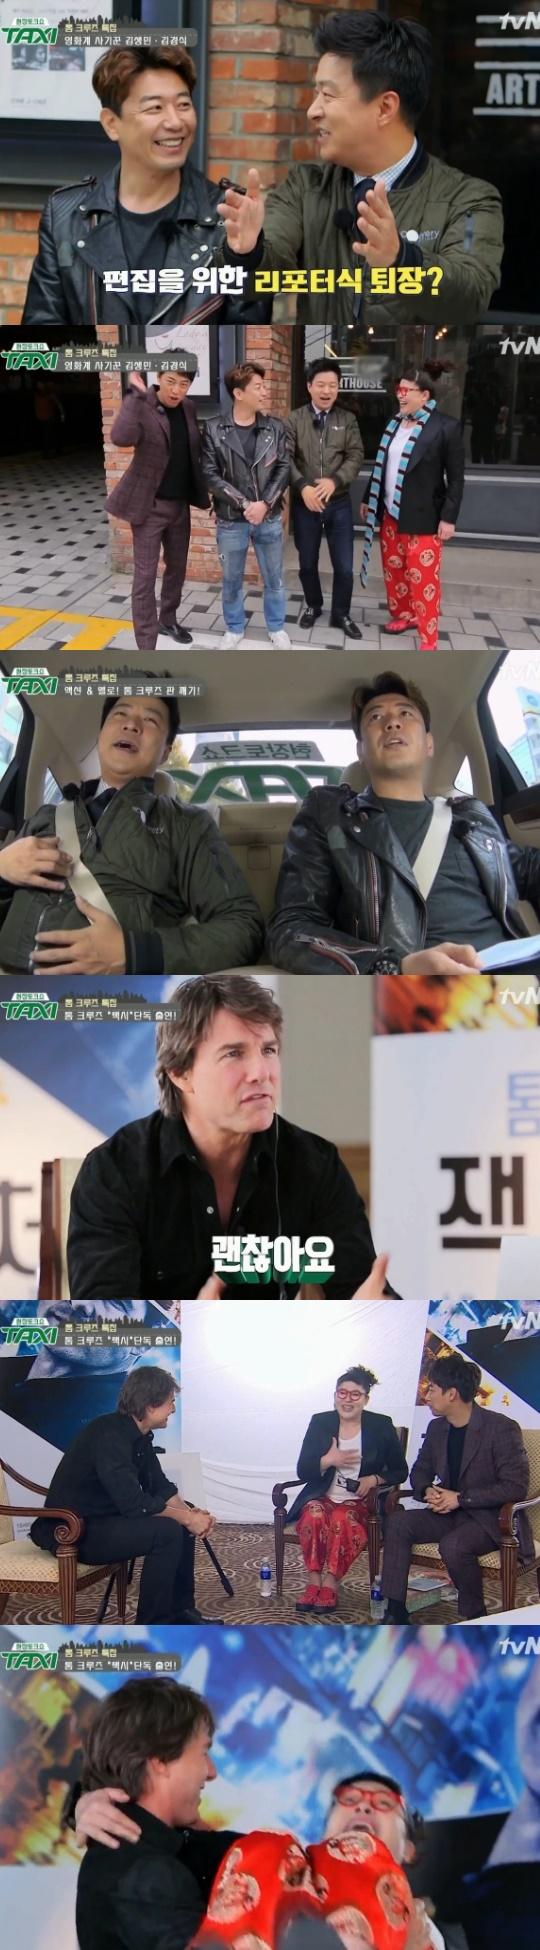 택시 톰크루즈 김생민 김경식